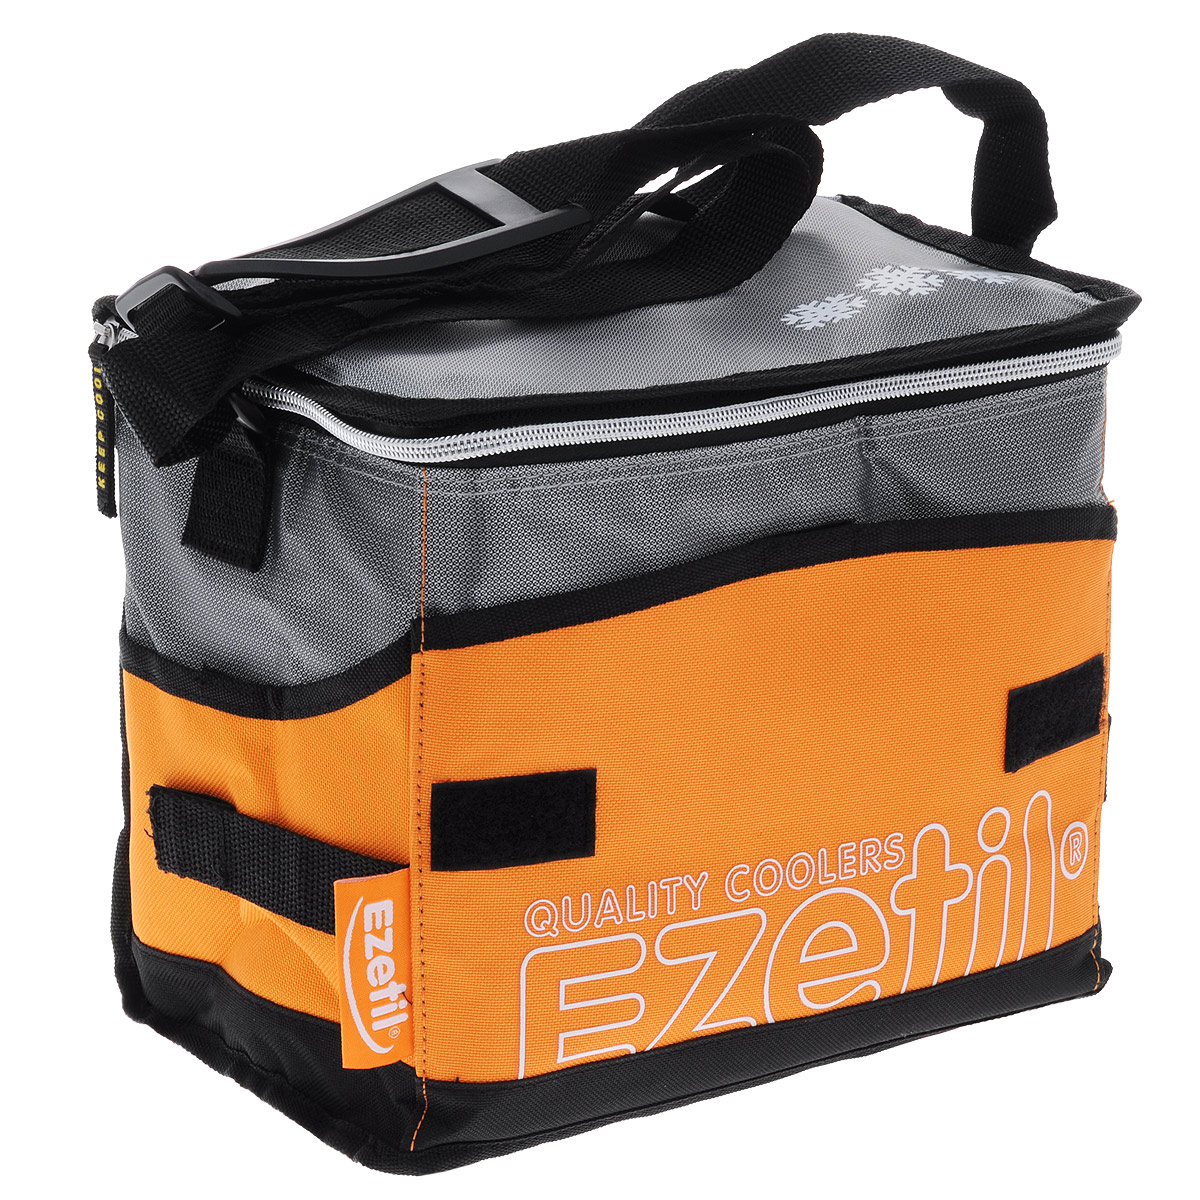 Сумка-холодильник Ezetil KC Extreme, цвет: оранжевый, 6 л ezetil kc holiday